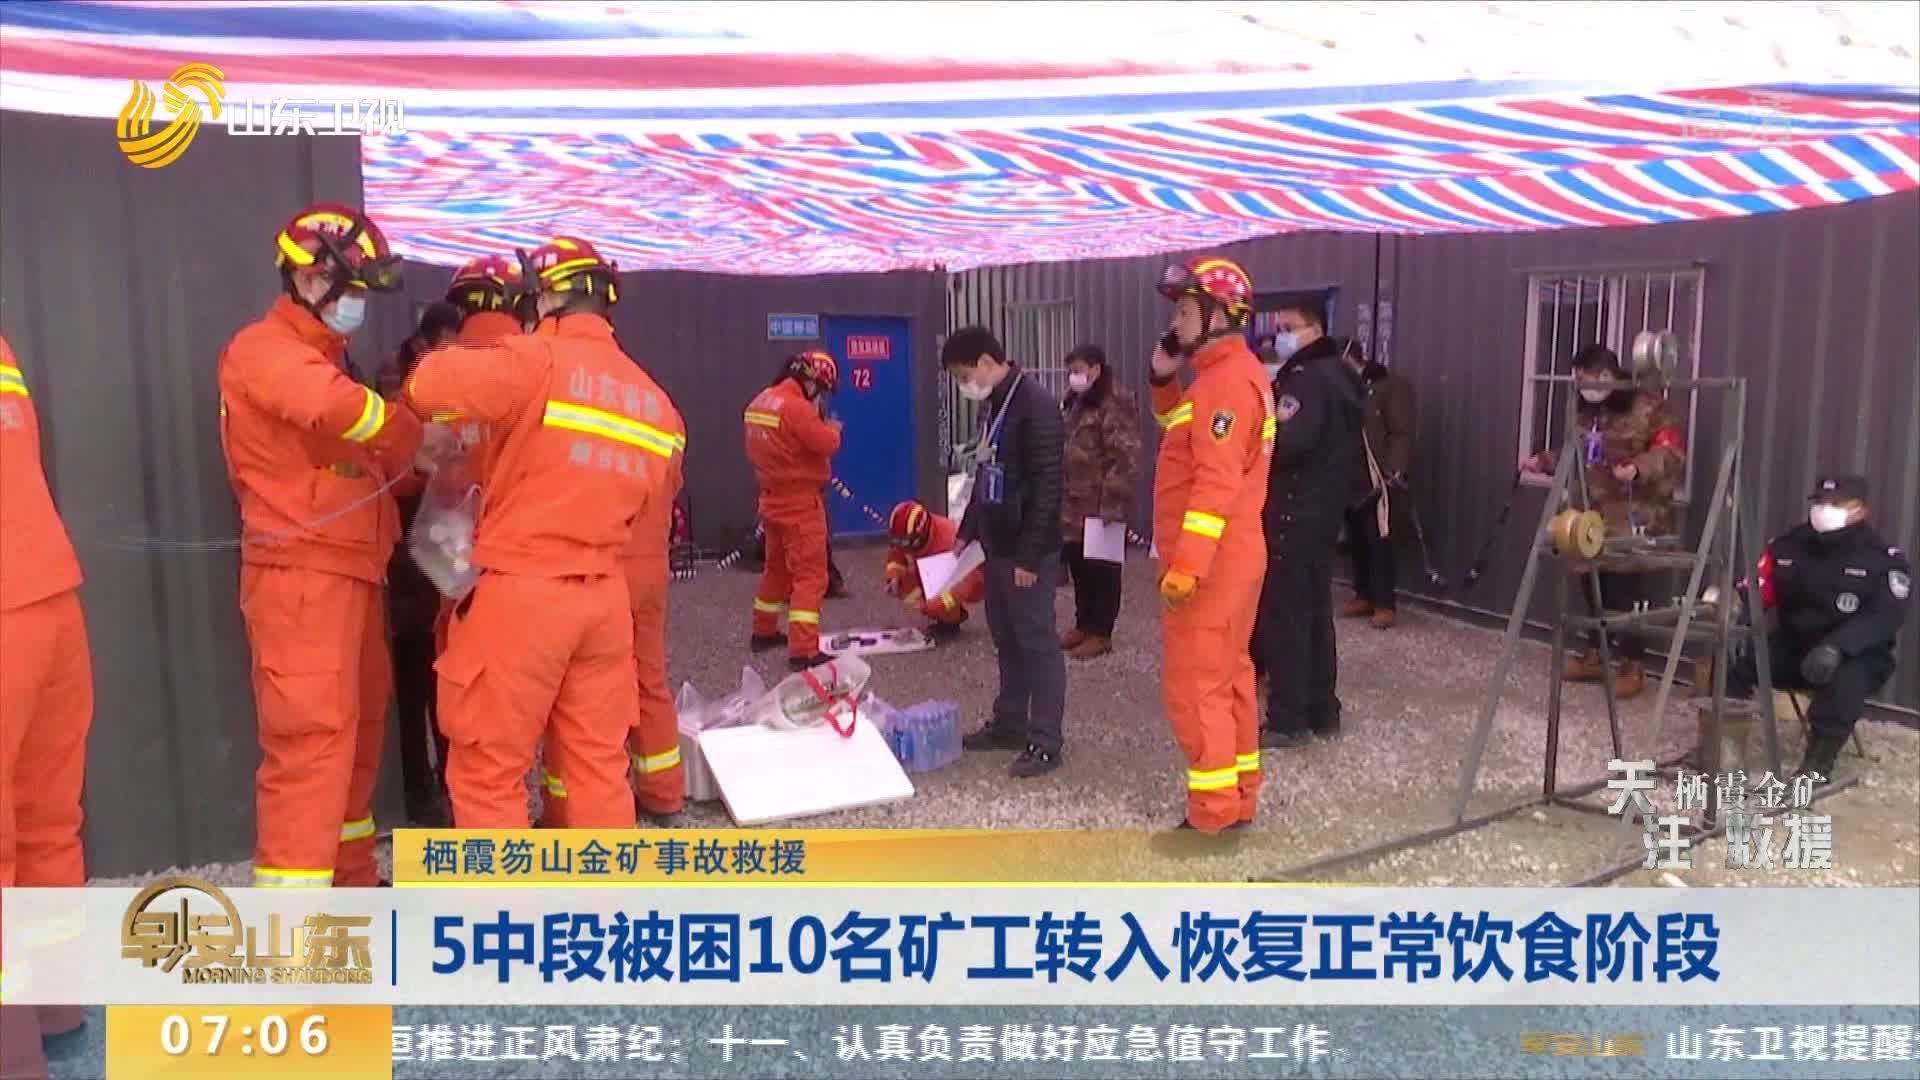 【栖霞笏山金矿事故救援】5中段被困10名矿工转入恢复正常饮食阶段